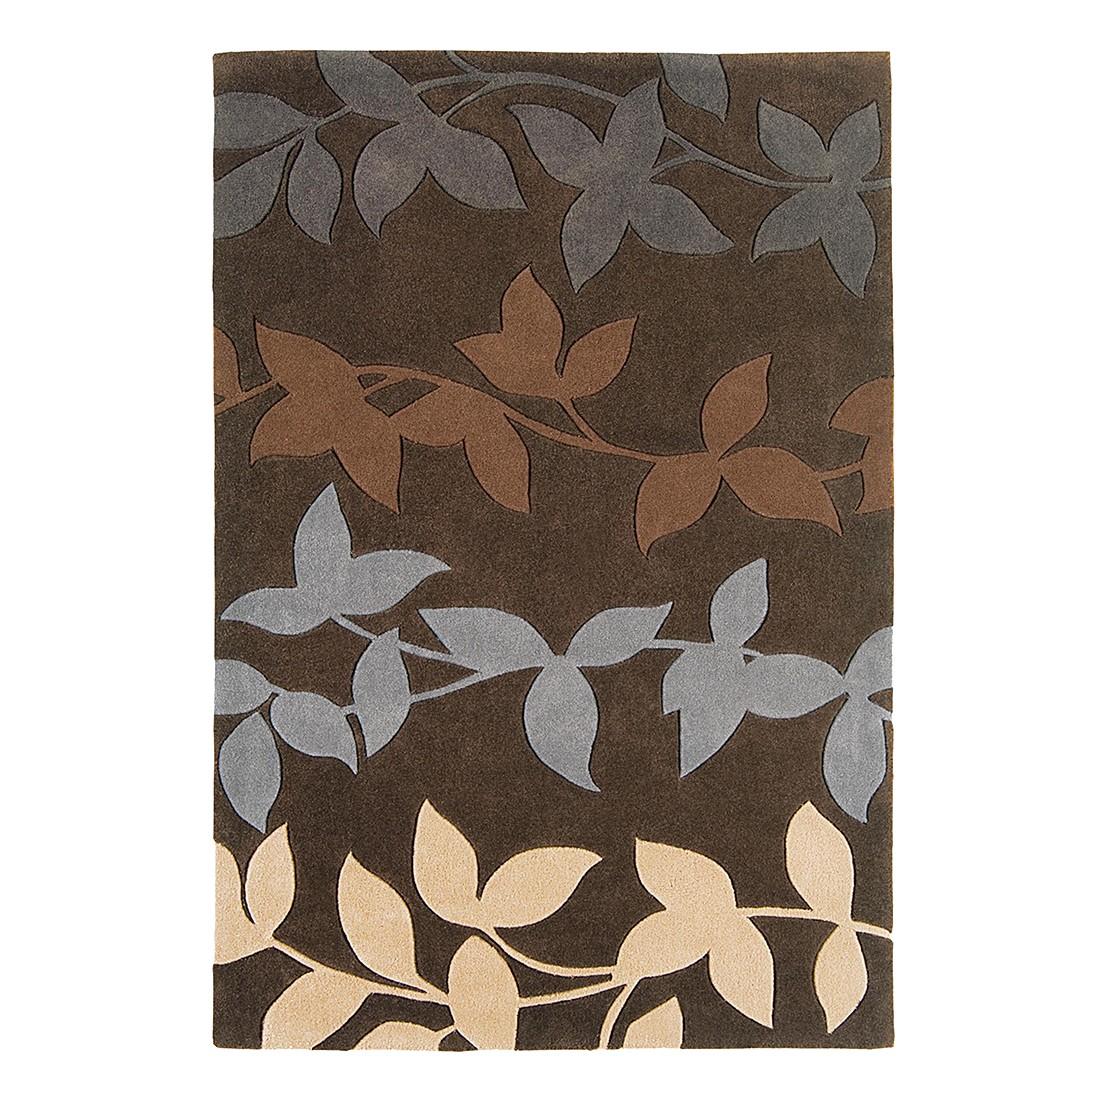 Teppich Harlequin Vine – Braun – 120 x 180 cm, benuta bestellen